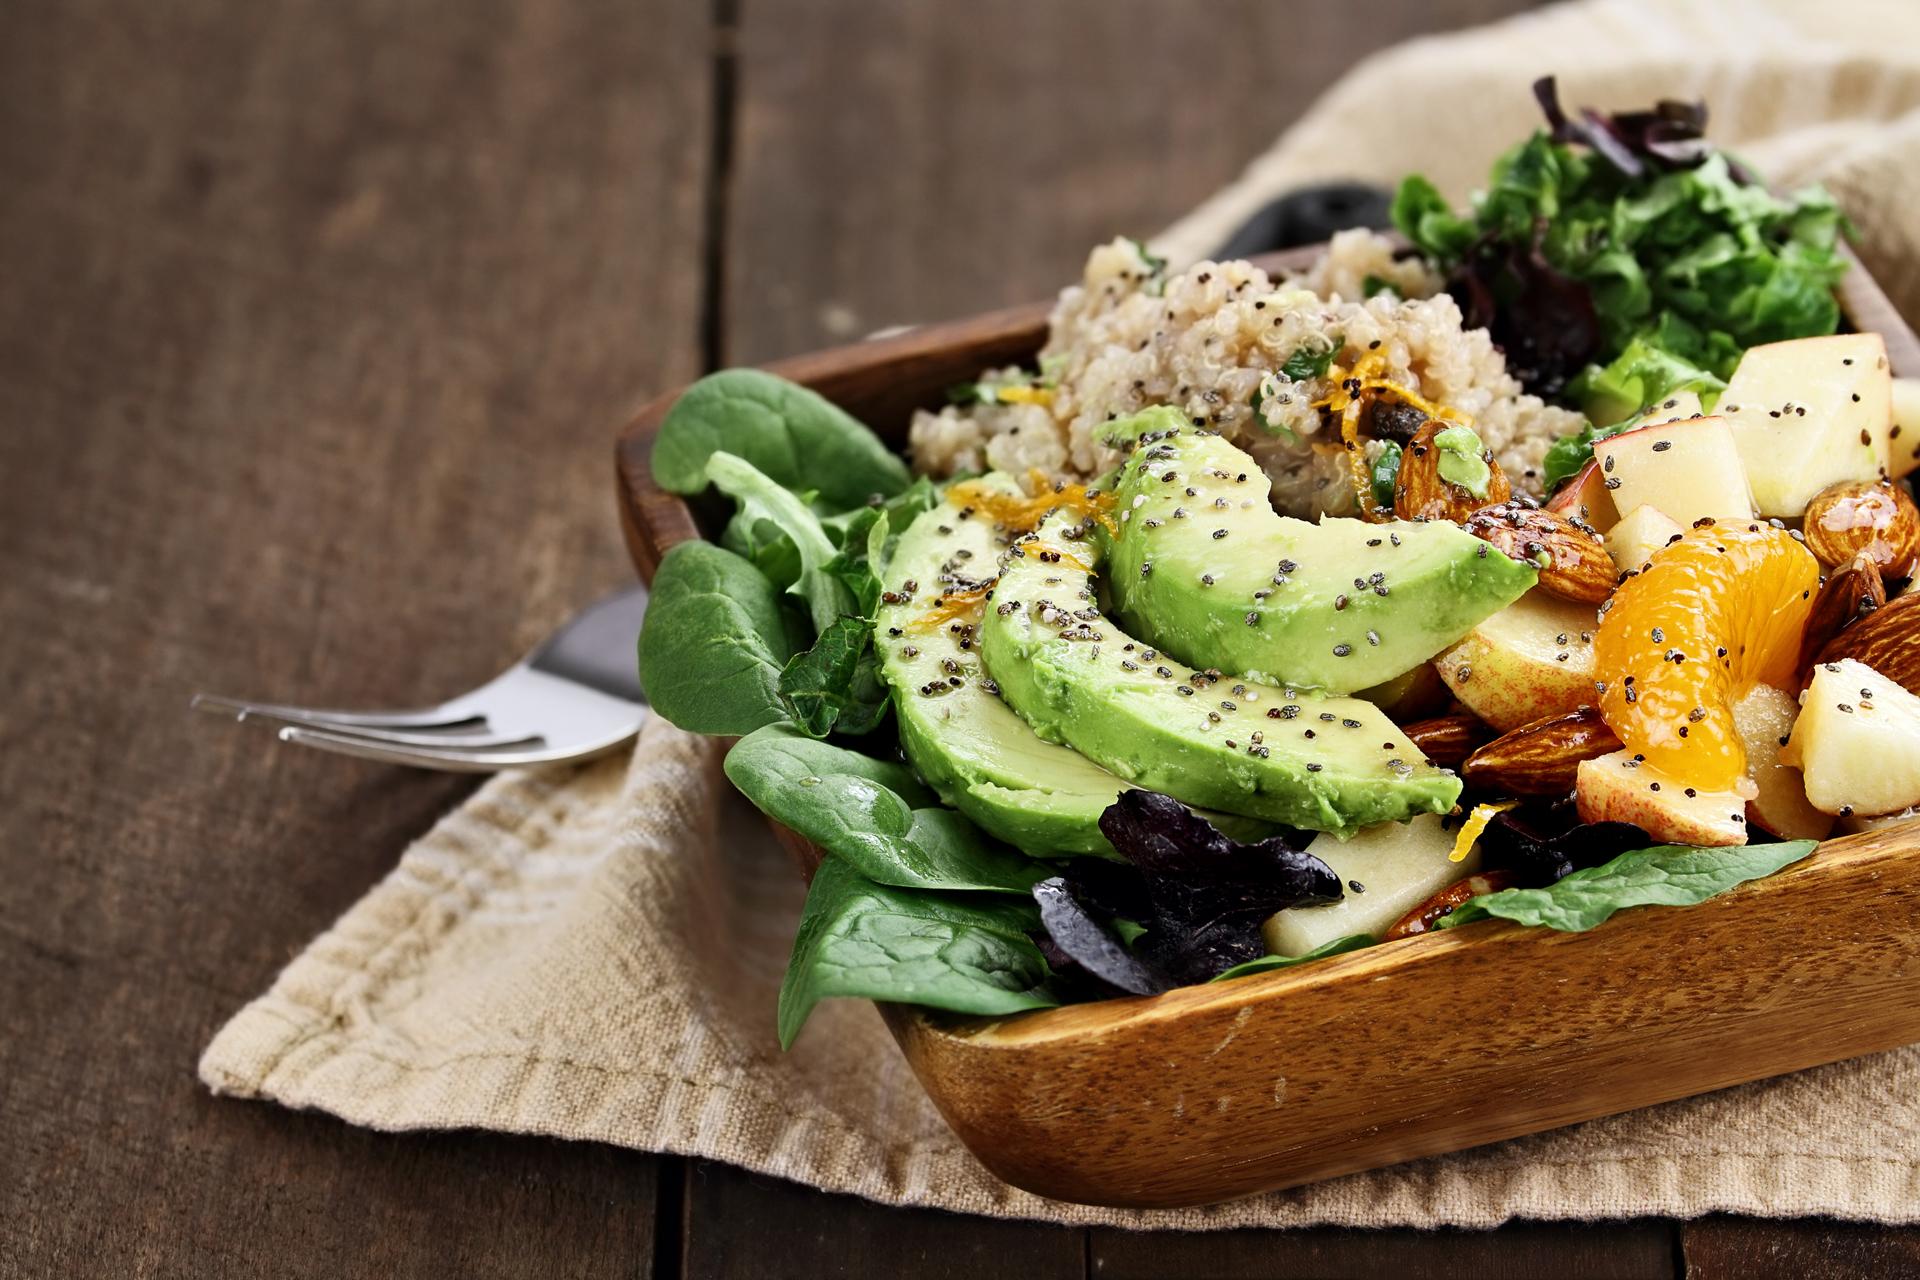 Los granos enteros como el arroz integral, la quinoa, el trigo burgol y el cuscús facilitan la digestión y eliminación de toxinas (Getty Images)